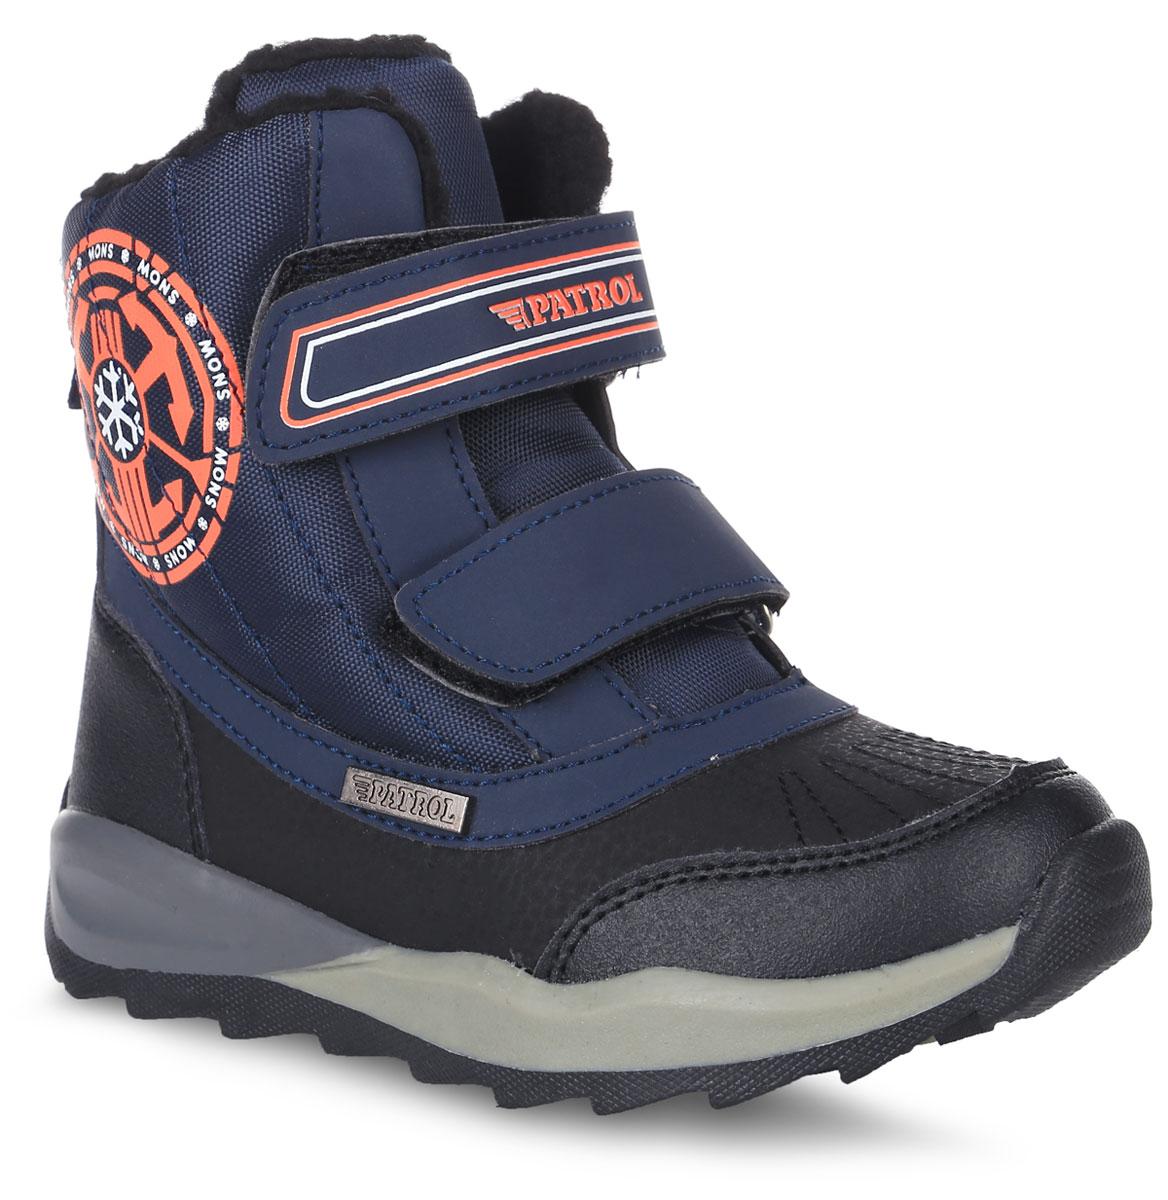 963-786IM-17w-8/01-1/25Стильные ботинки от Patrol покорят вашего мальчика с первого взгляда! Модель выполнена из искусственной кожи и текстиля. Ремешки с застежками-липучками обеспечивают надежную фиксацию изделия на ноге. Внутренняя поверхность и стелька из искусственного меха сохранят ноги в тепле. Верхний ремешок оформлен названием бренда, боковая сторона - оригинальным принтом и металлическим элементом с фирменной гравировкой. Модные ботинки - незаменимая вещь в гардеробе каждого ребенка.